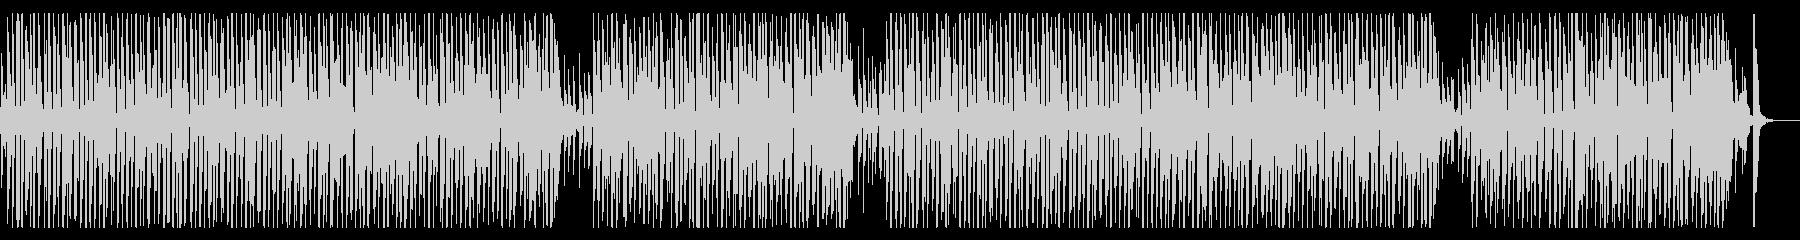 カフェBGM・おしゃれなフレンチジャズの未再生の波形